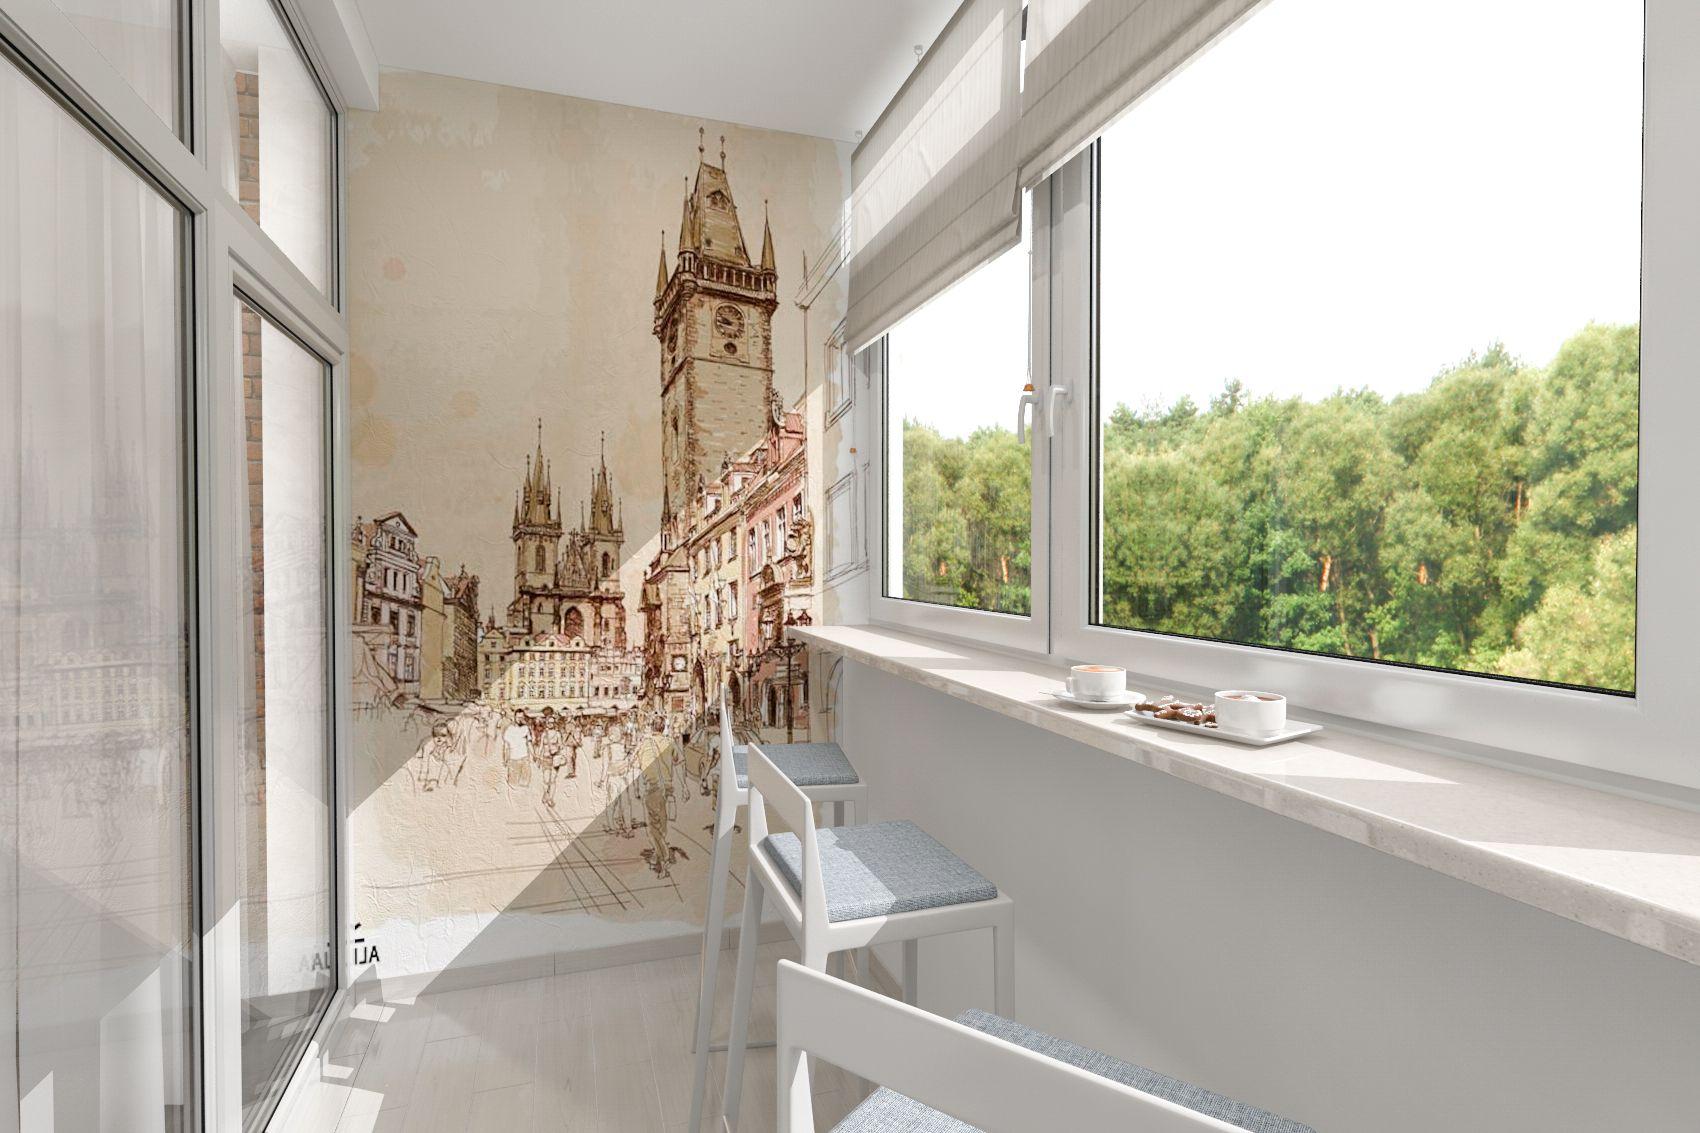 фотопечать на панелях фото для балкона предполагает